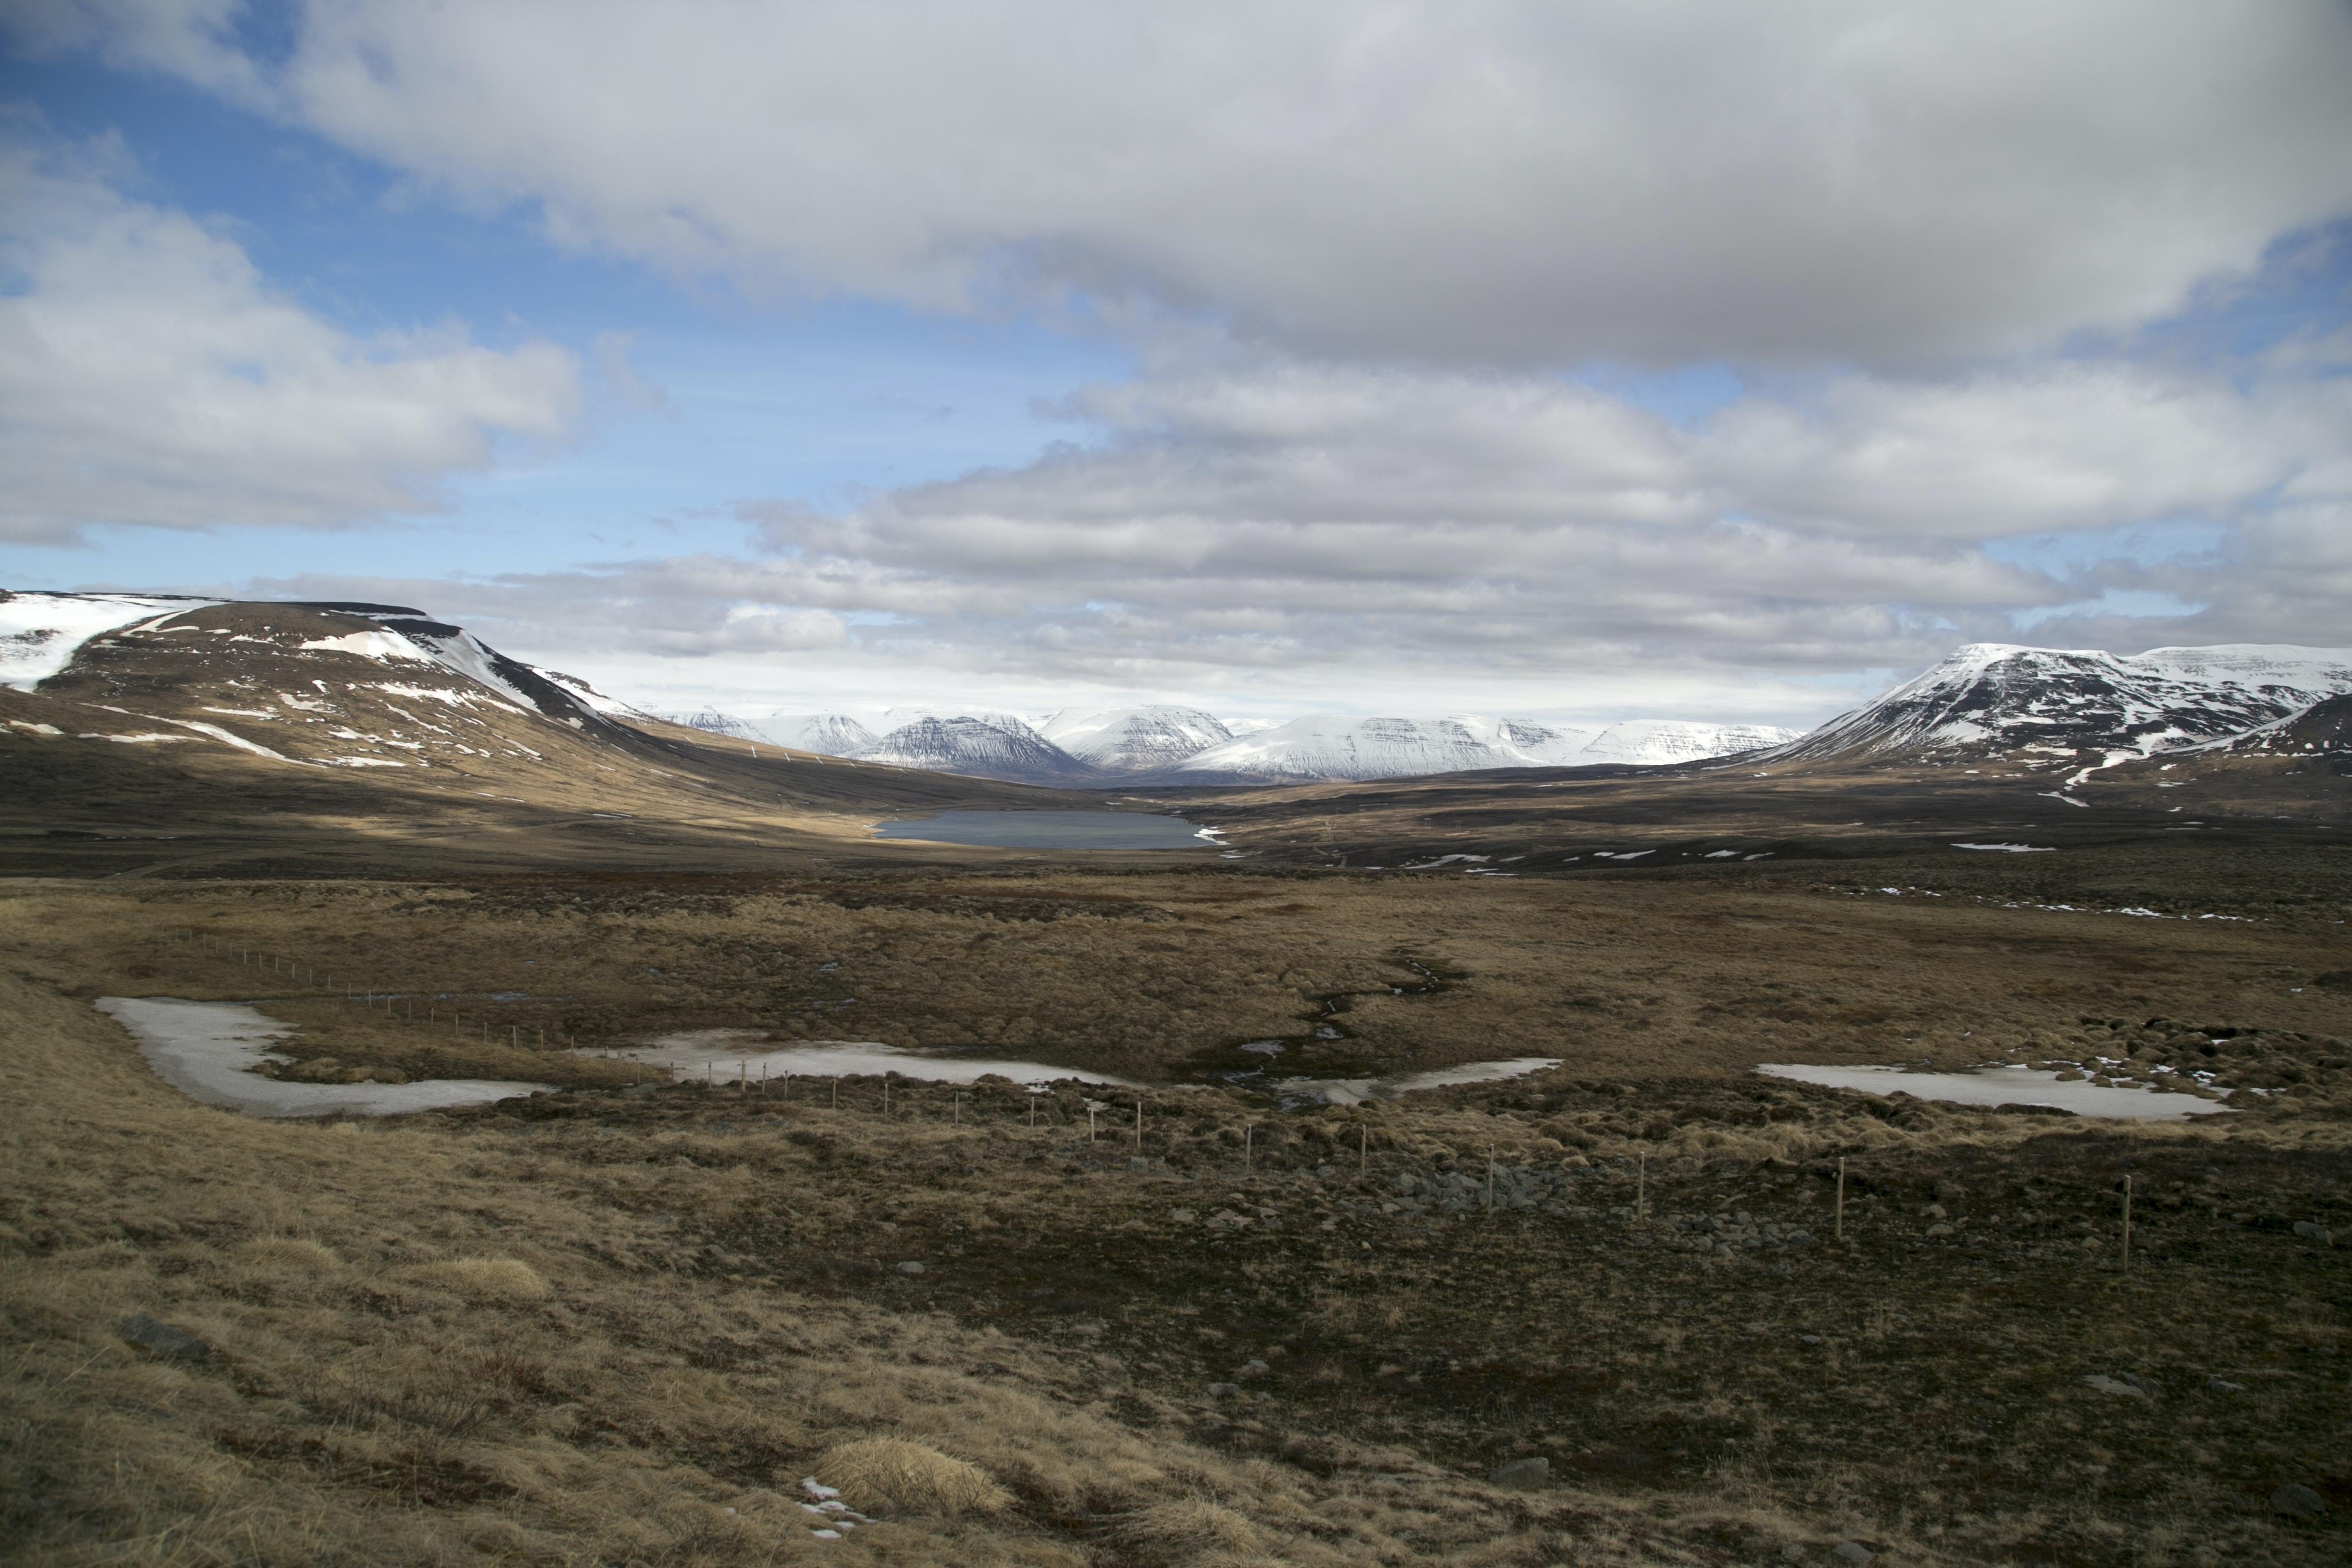 land within mountain range during daytime